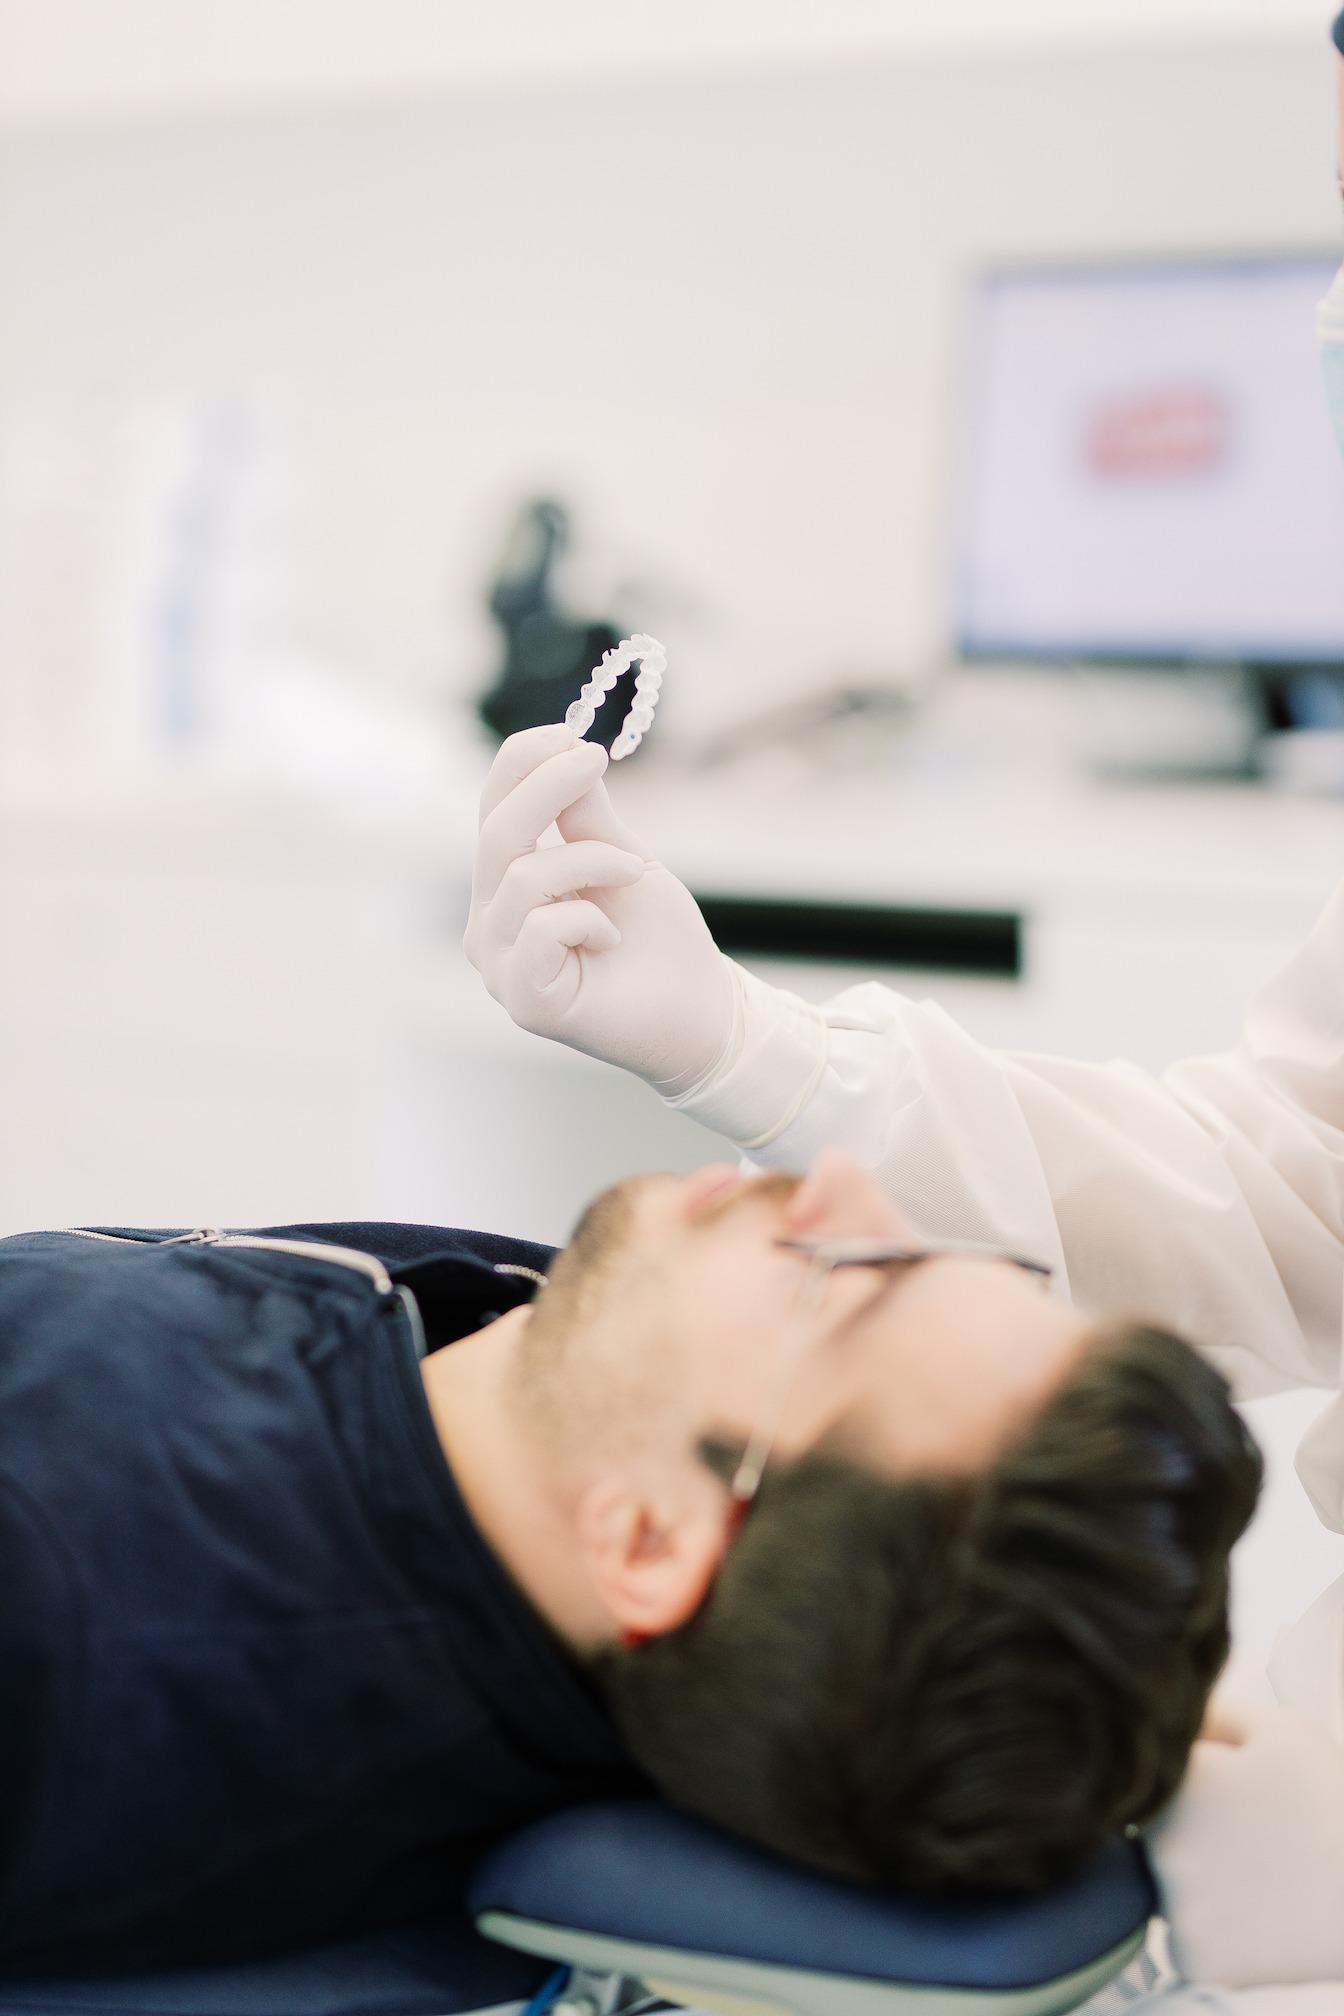 aparelho-invisivel-invisalign-clinica-delille-coimbra